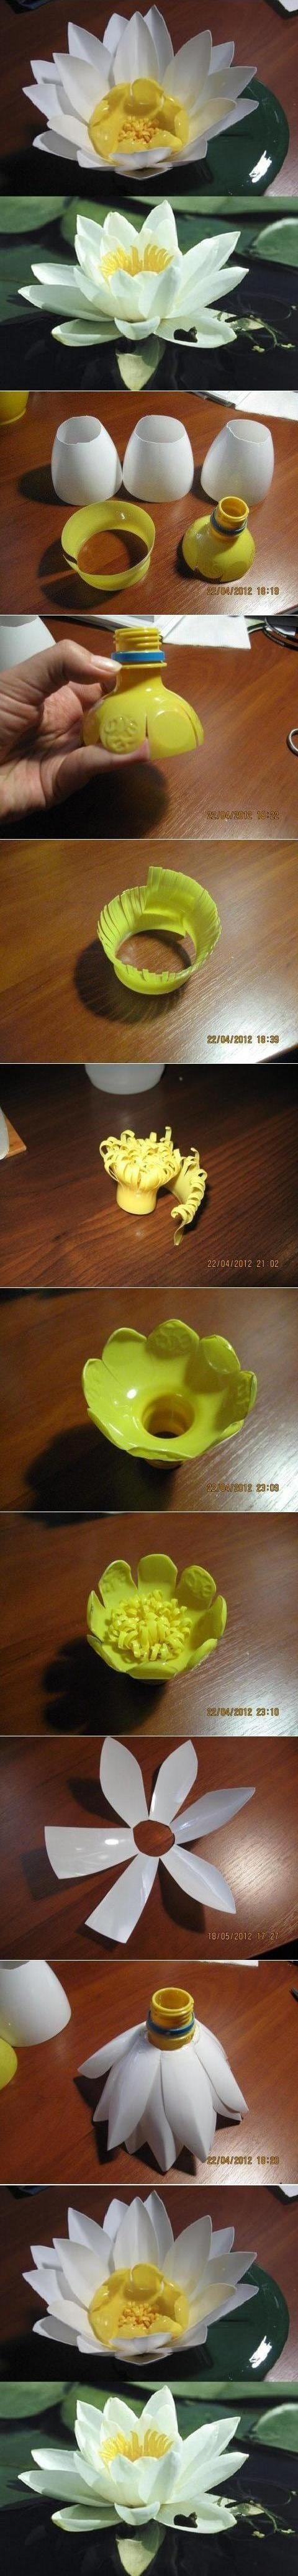 Reciclando botellas de plastico , puedes hacer una bella flor de lotto